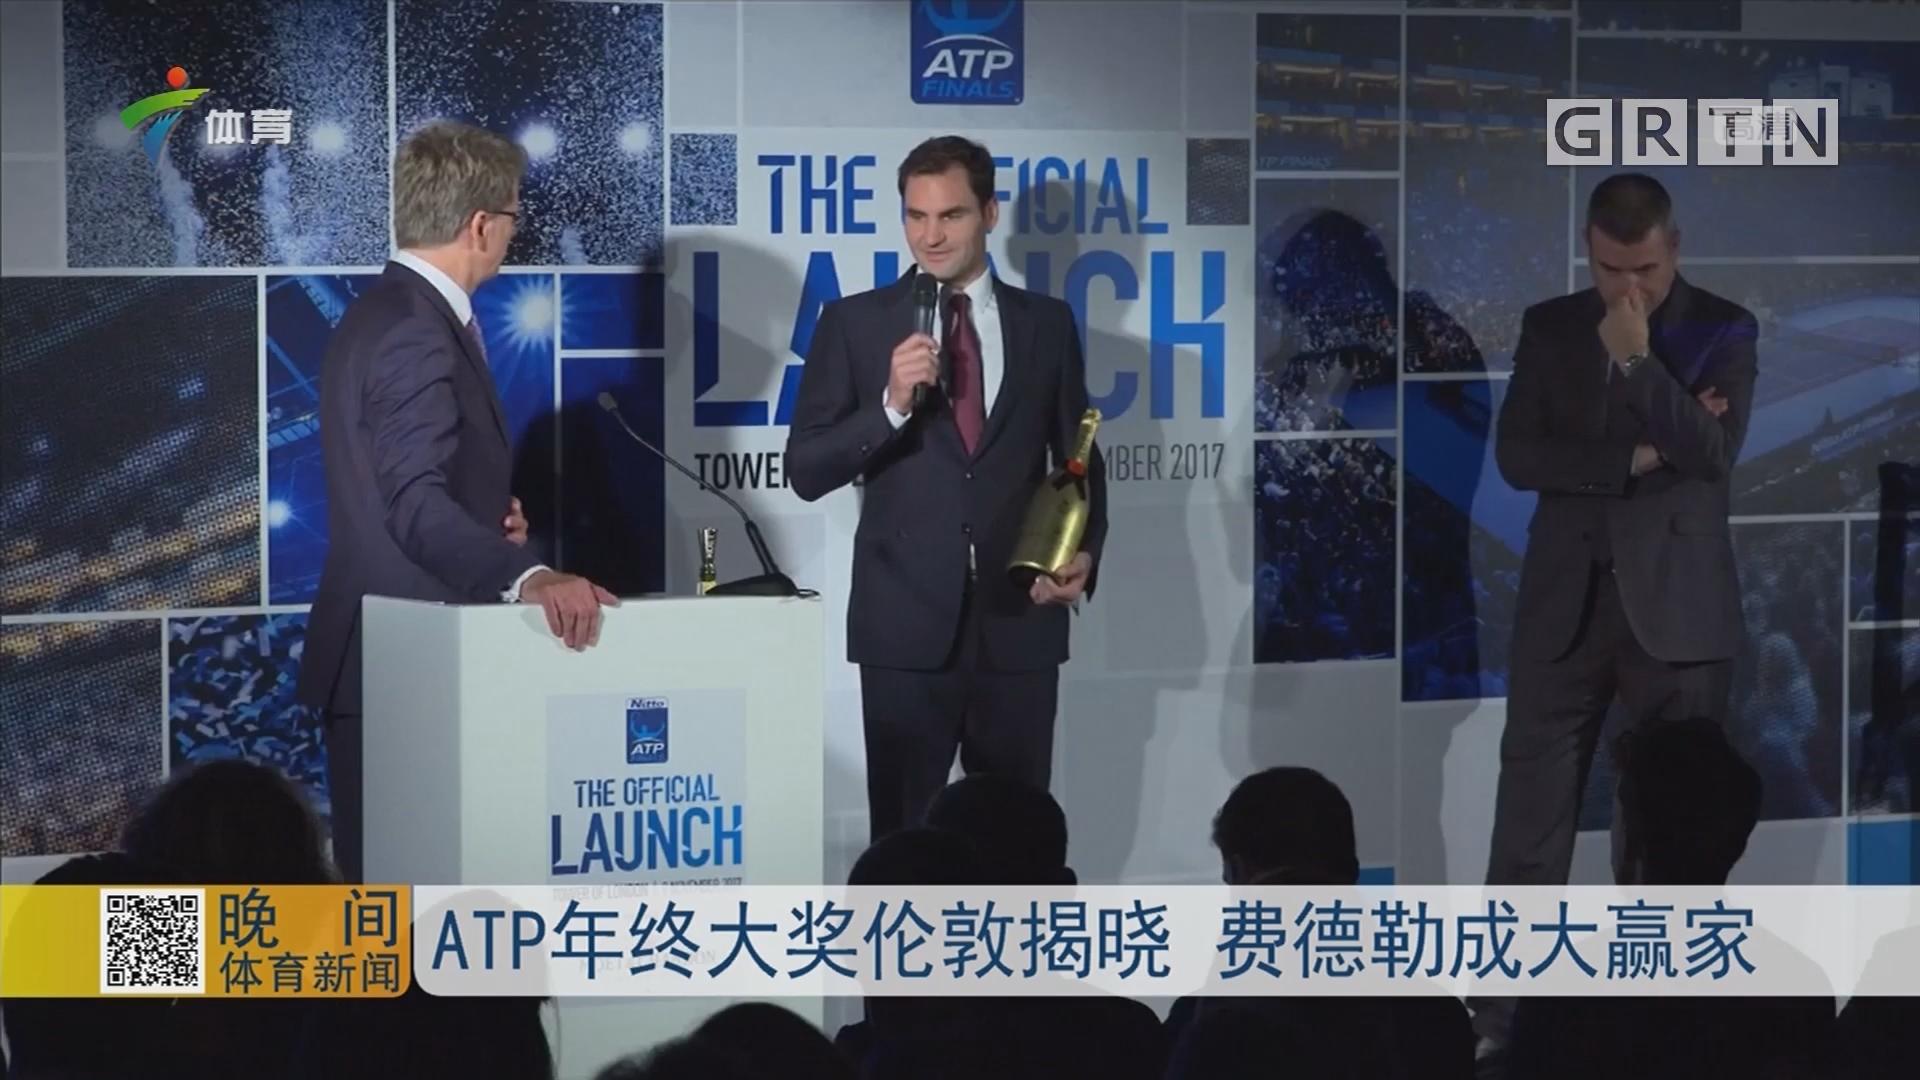 ATP年终大奖伦敦揭晓 费德勒成大赢家